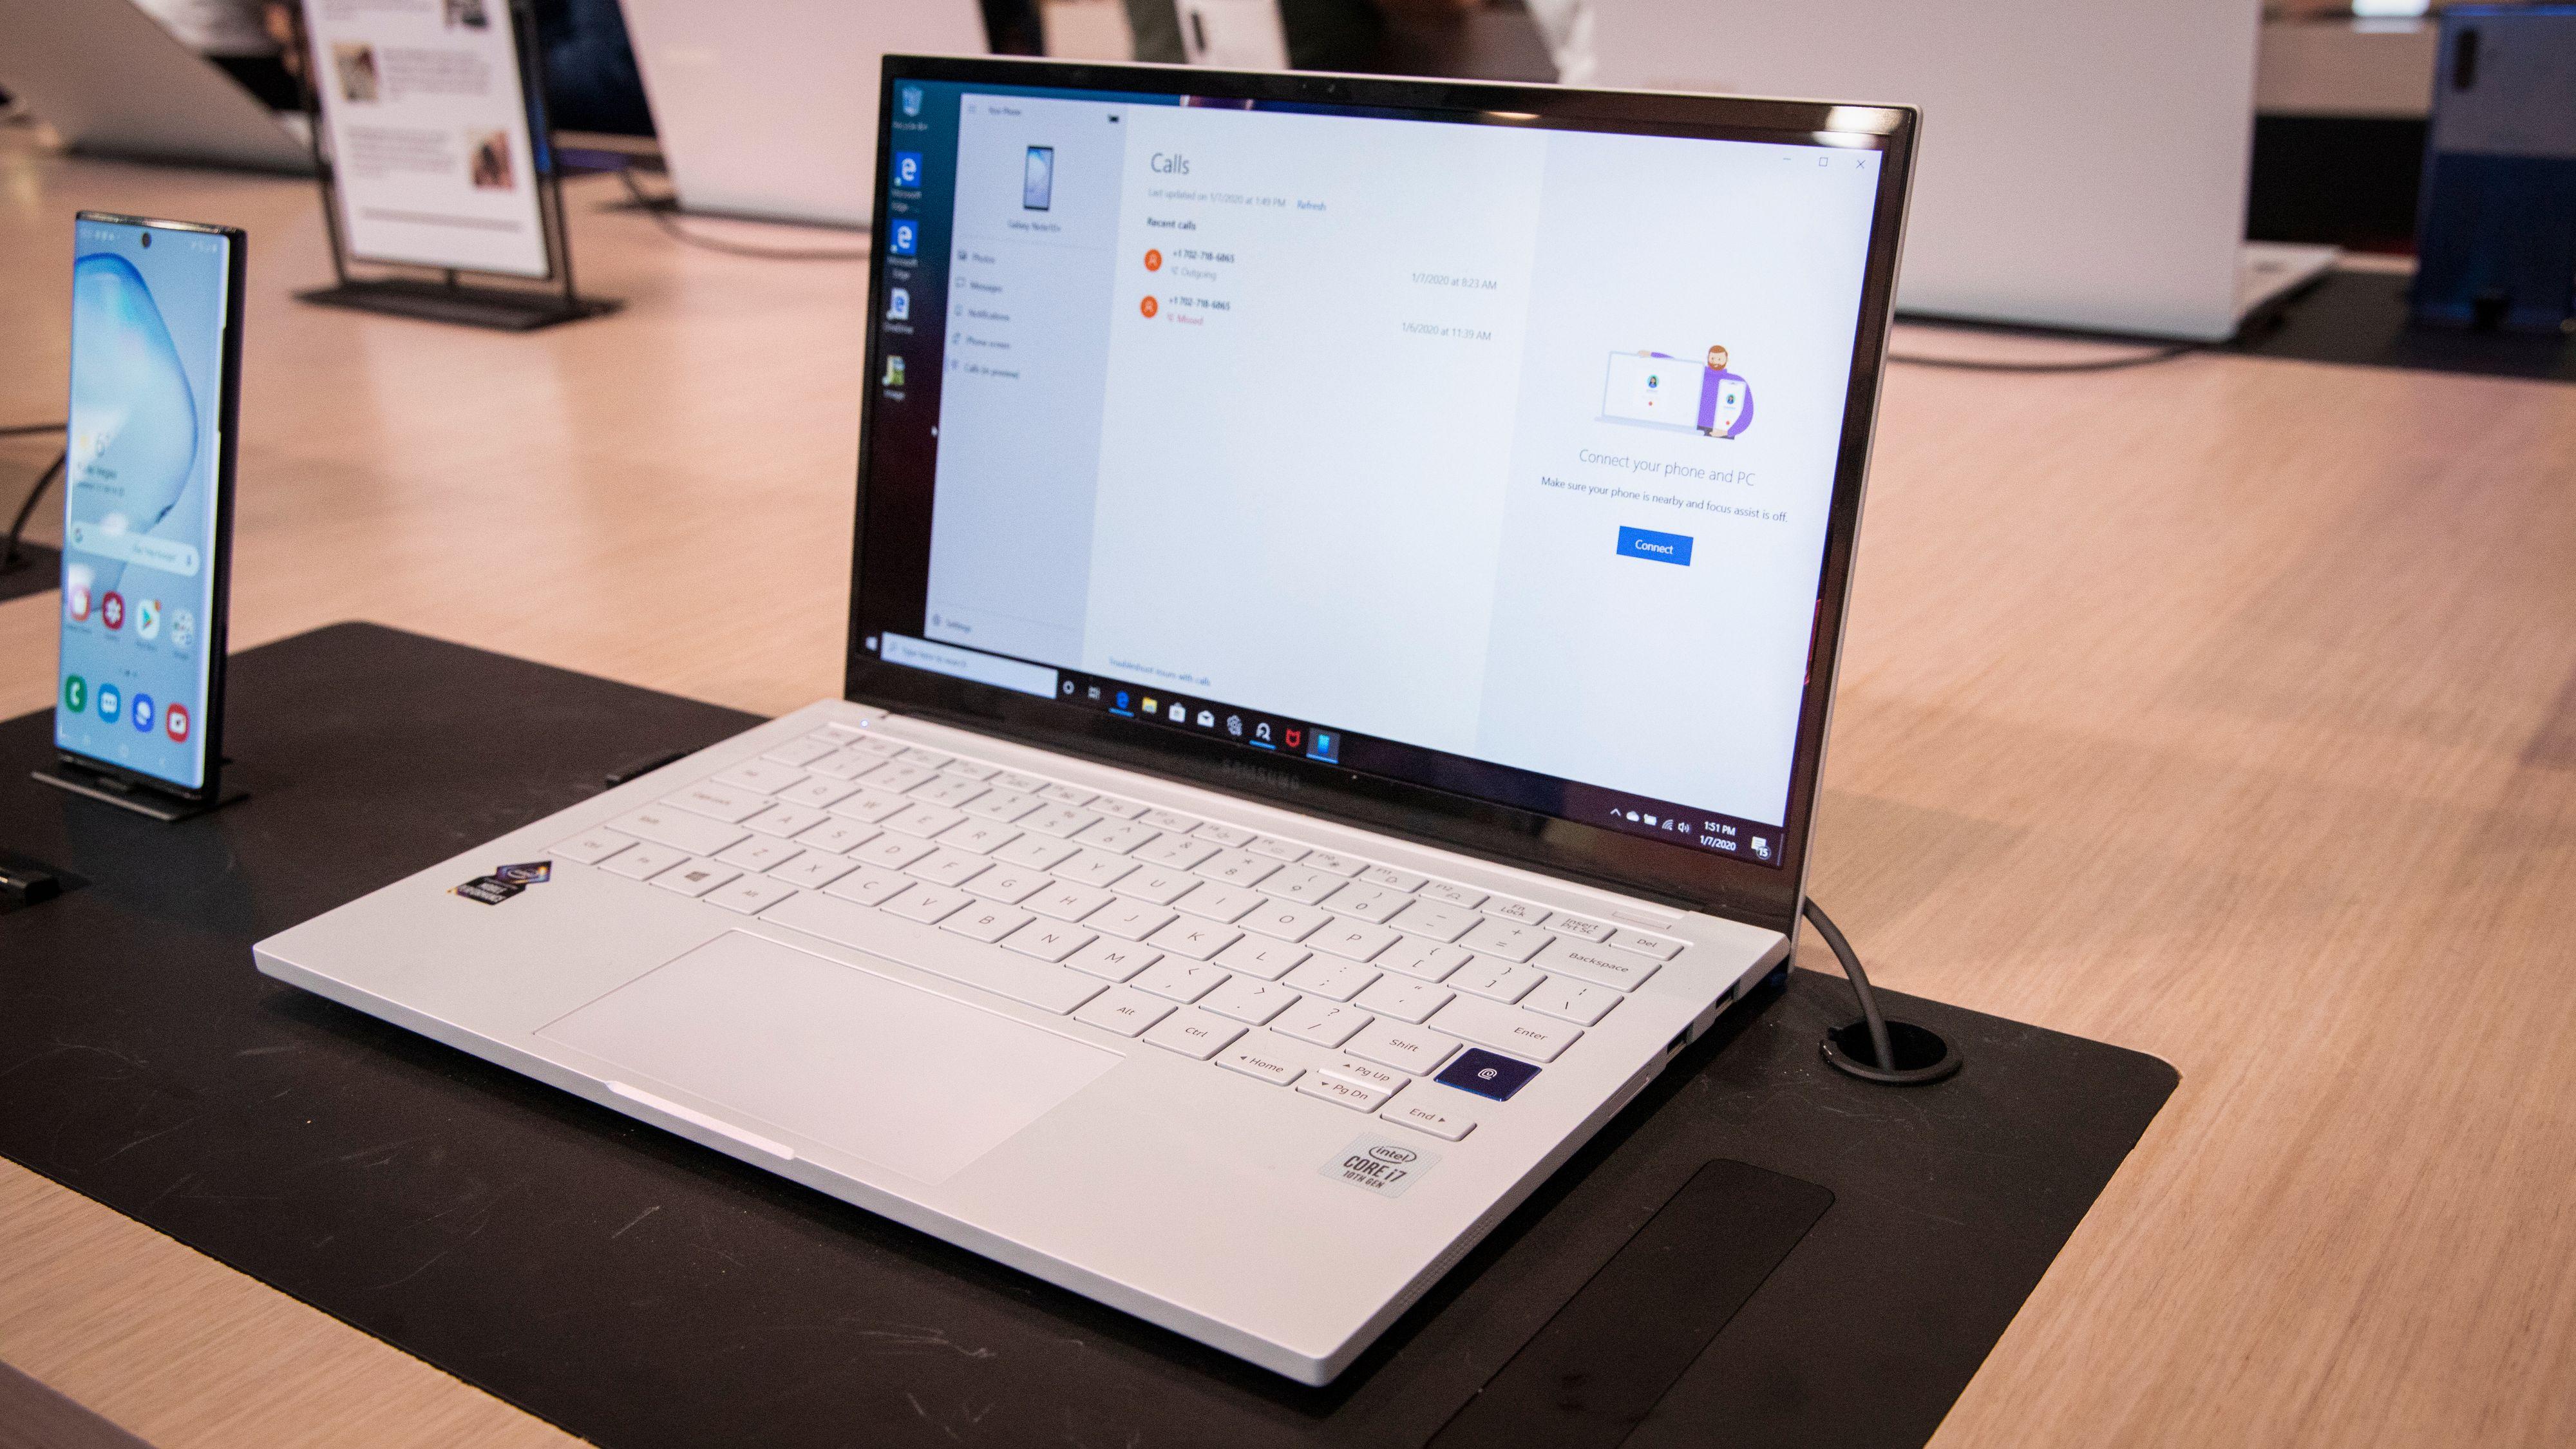 Galaxy Book Ion mangler den vridbare skjermen og har heller ikke medfølgende penn eller touchstøtte, men den har QLED-skjerm og er til gjengjeld lettere enn Flex. Den veier ikke mer enn 0,97 kg i 13-tommersversjonen, og også her kommer 15-tommeren med mulighet for MX250-grafikk. Når du bøyer skjermen løfter dessuten tastaturet seg fra underlaget, som Samsung mener skal gi en mer behagelig skriveopplevelse.